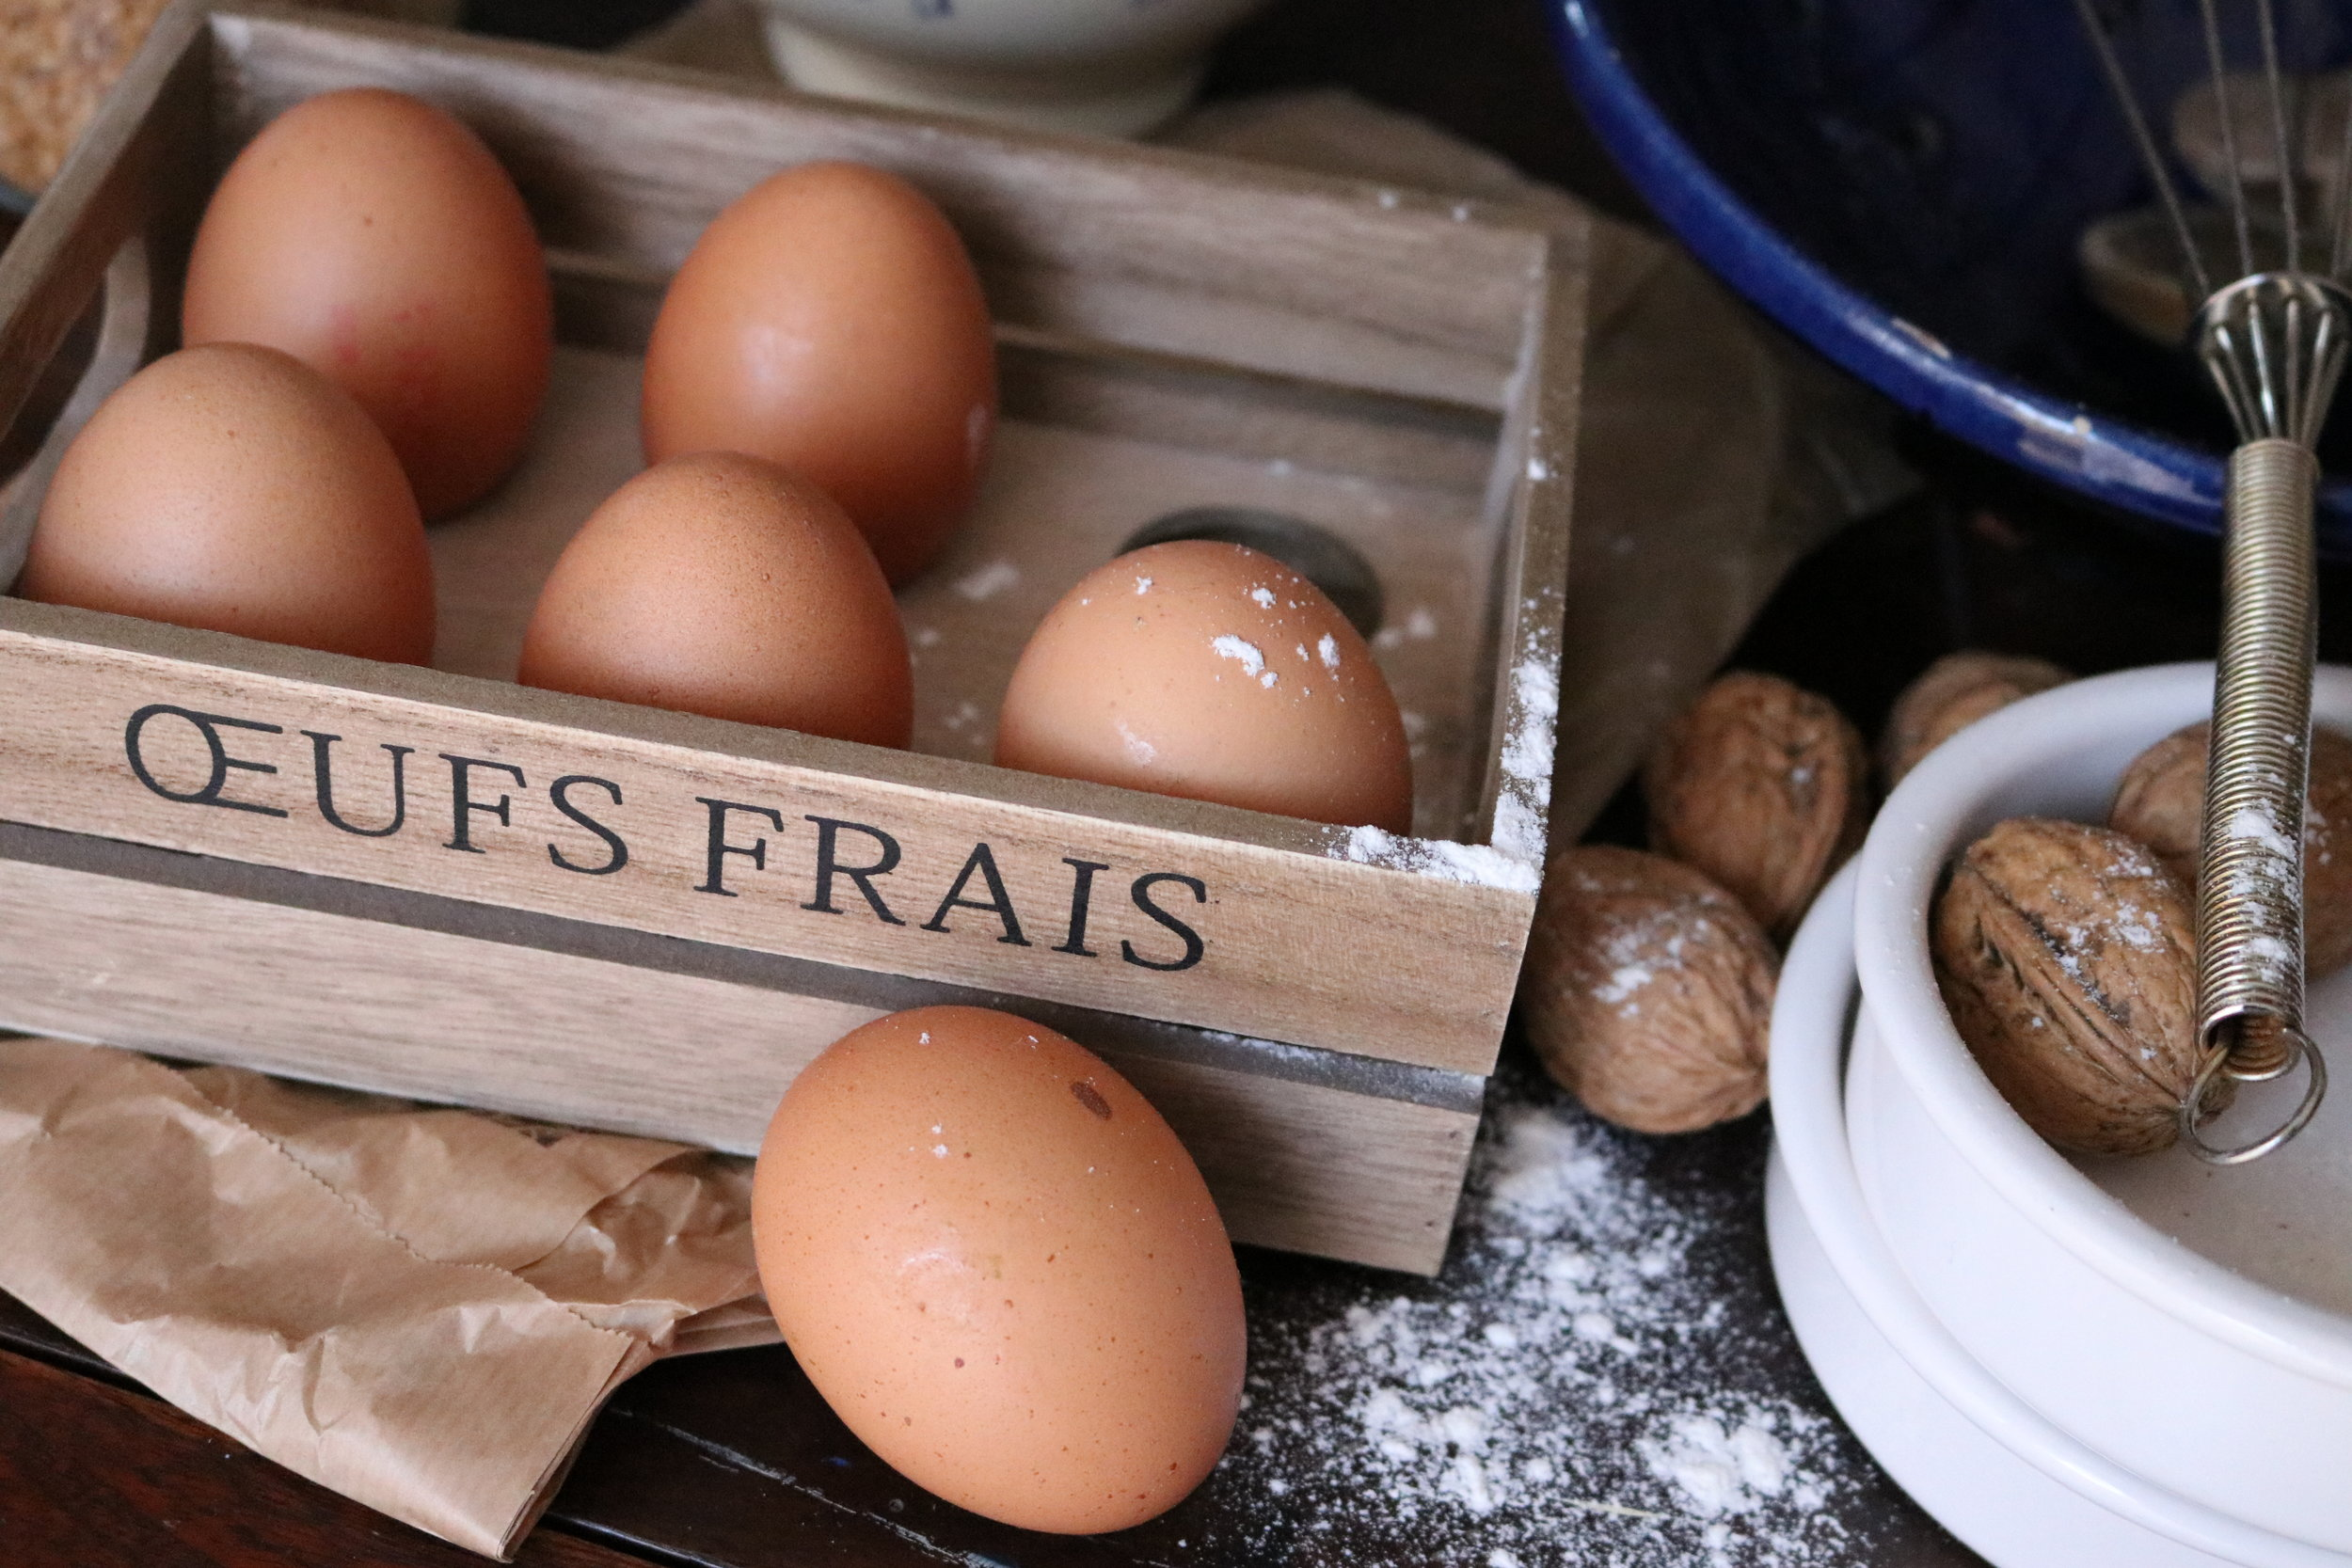 eggscallherchef.JPG